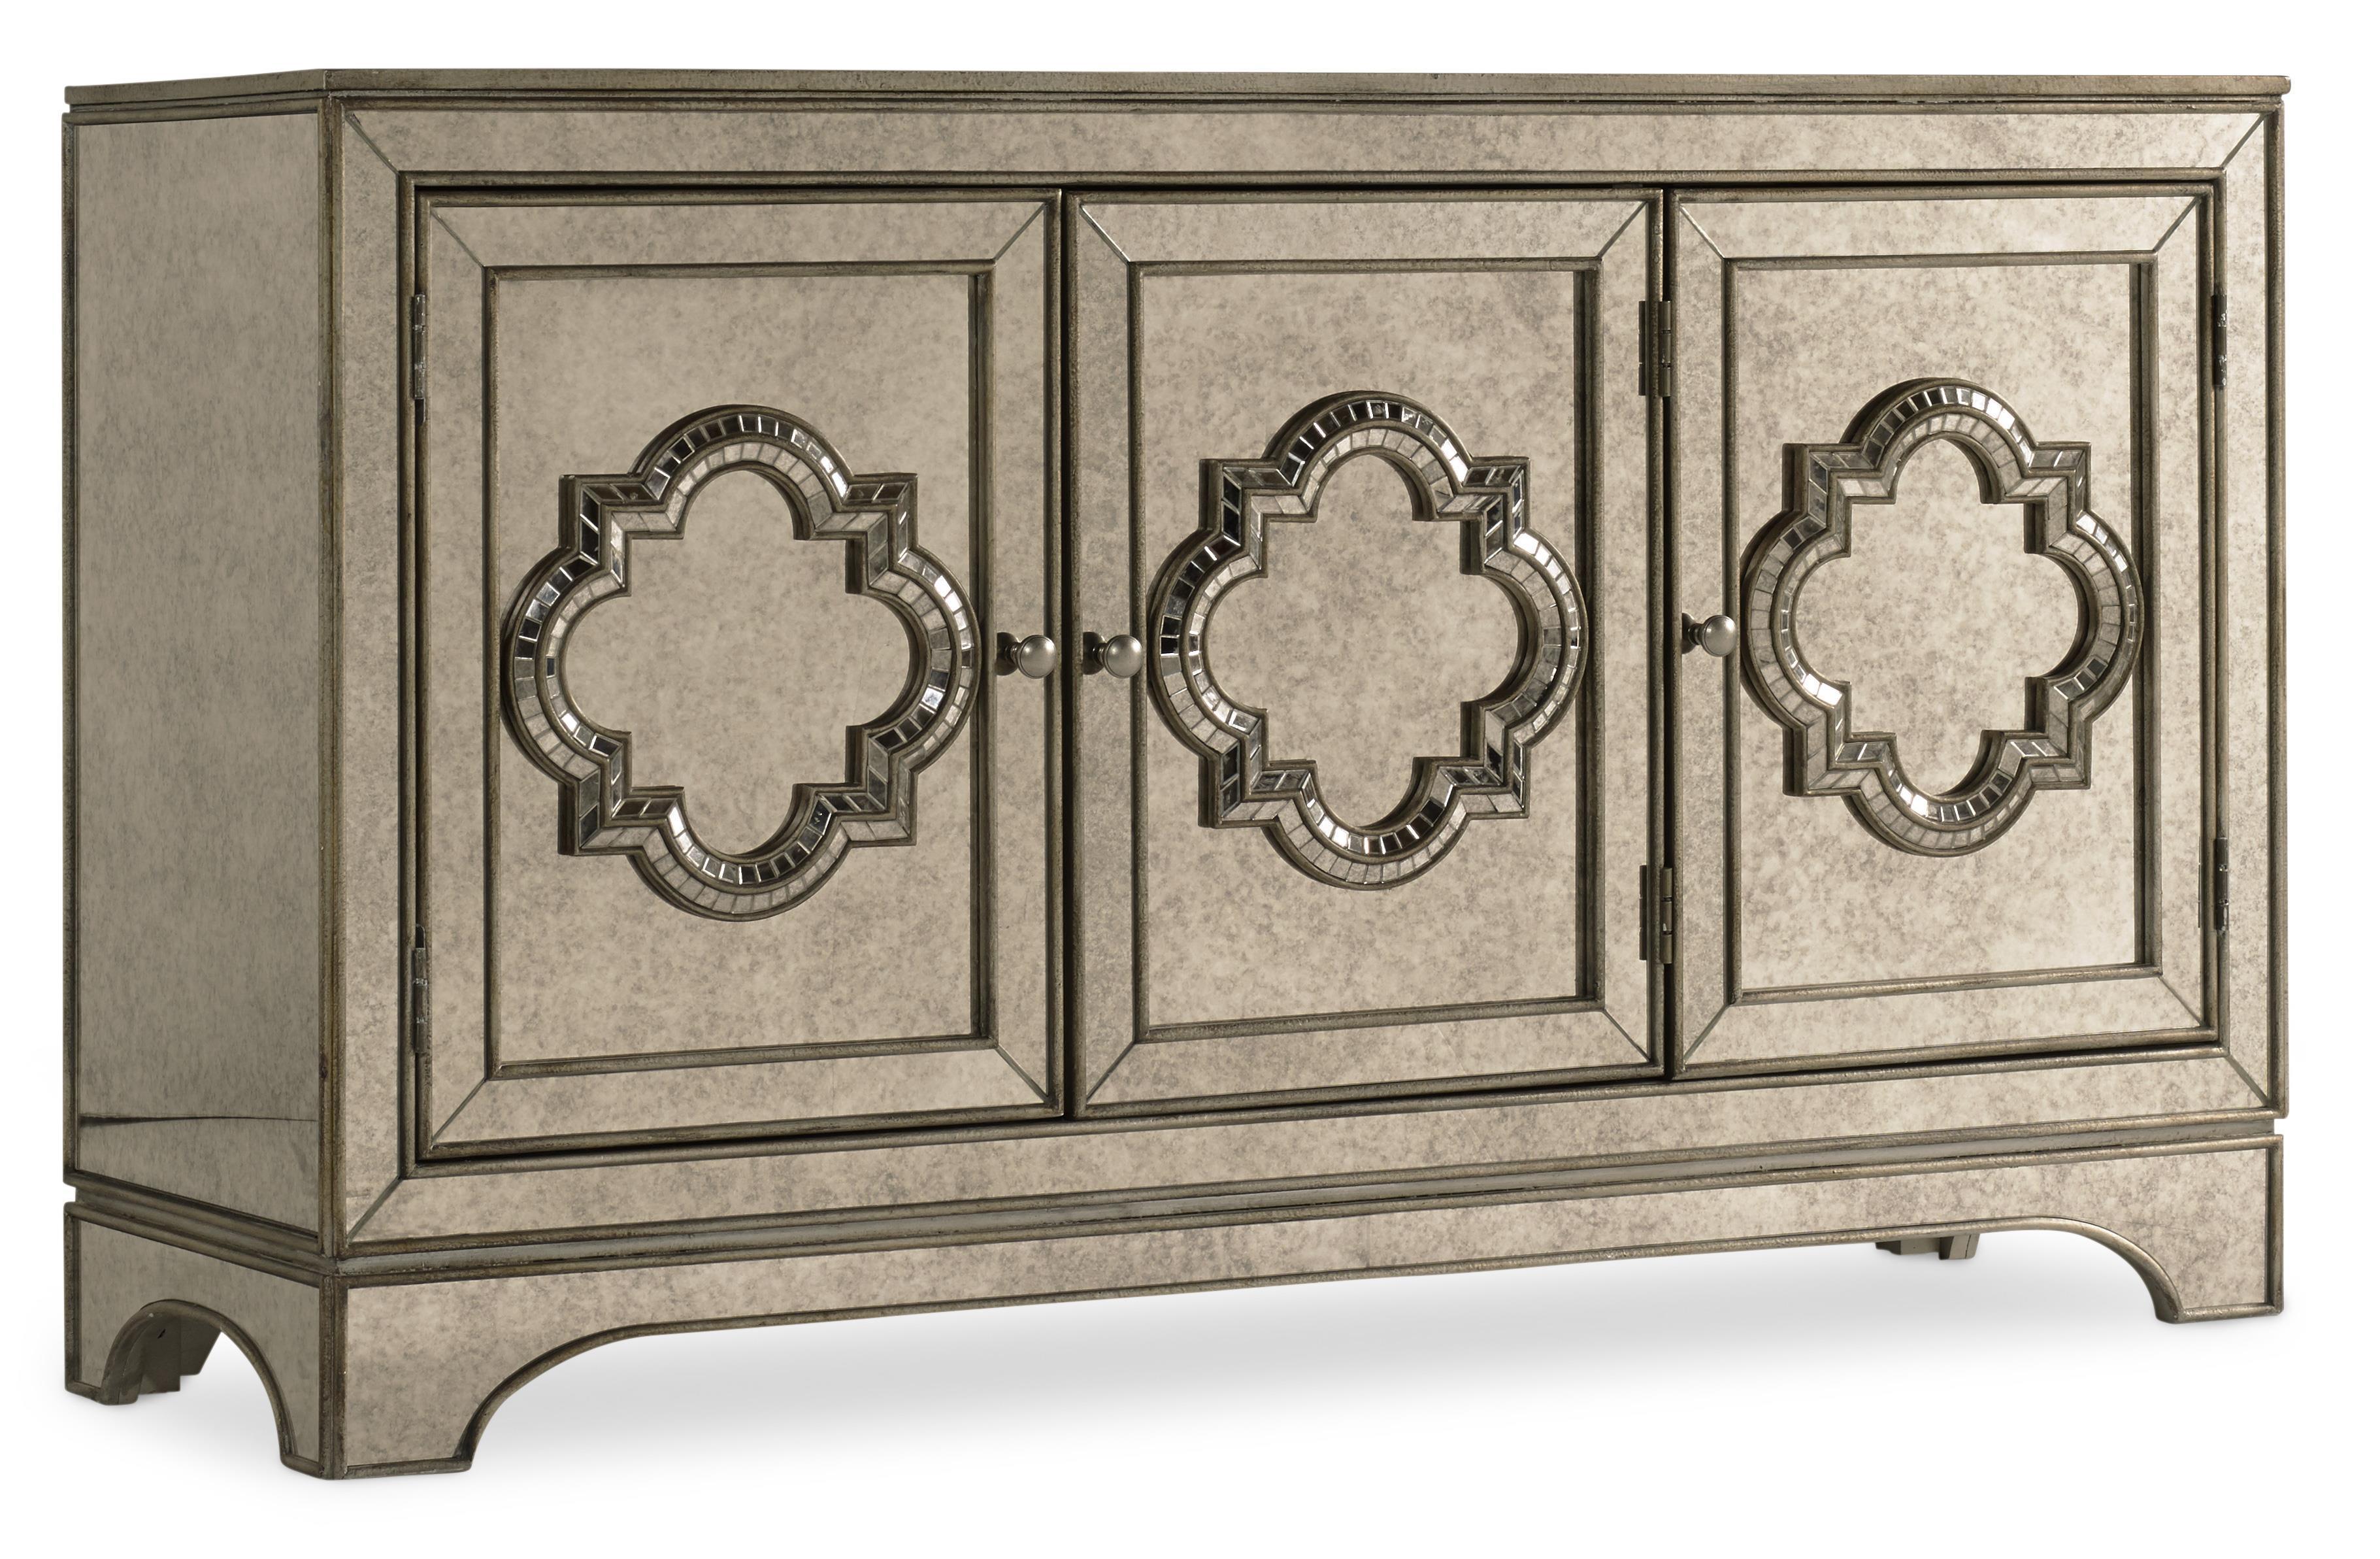 Hooker Furniture Mélange City Lights Console - Item Number: 638-85155